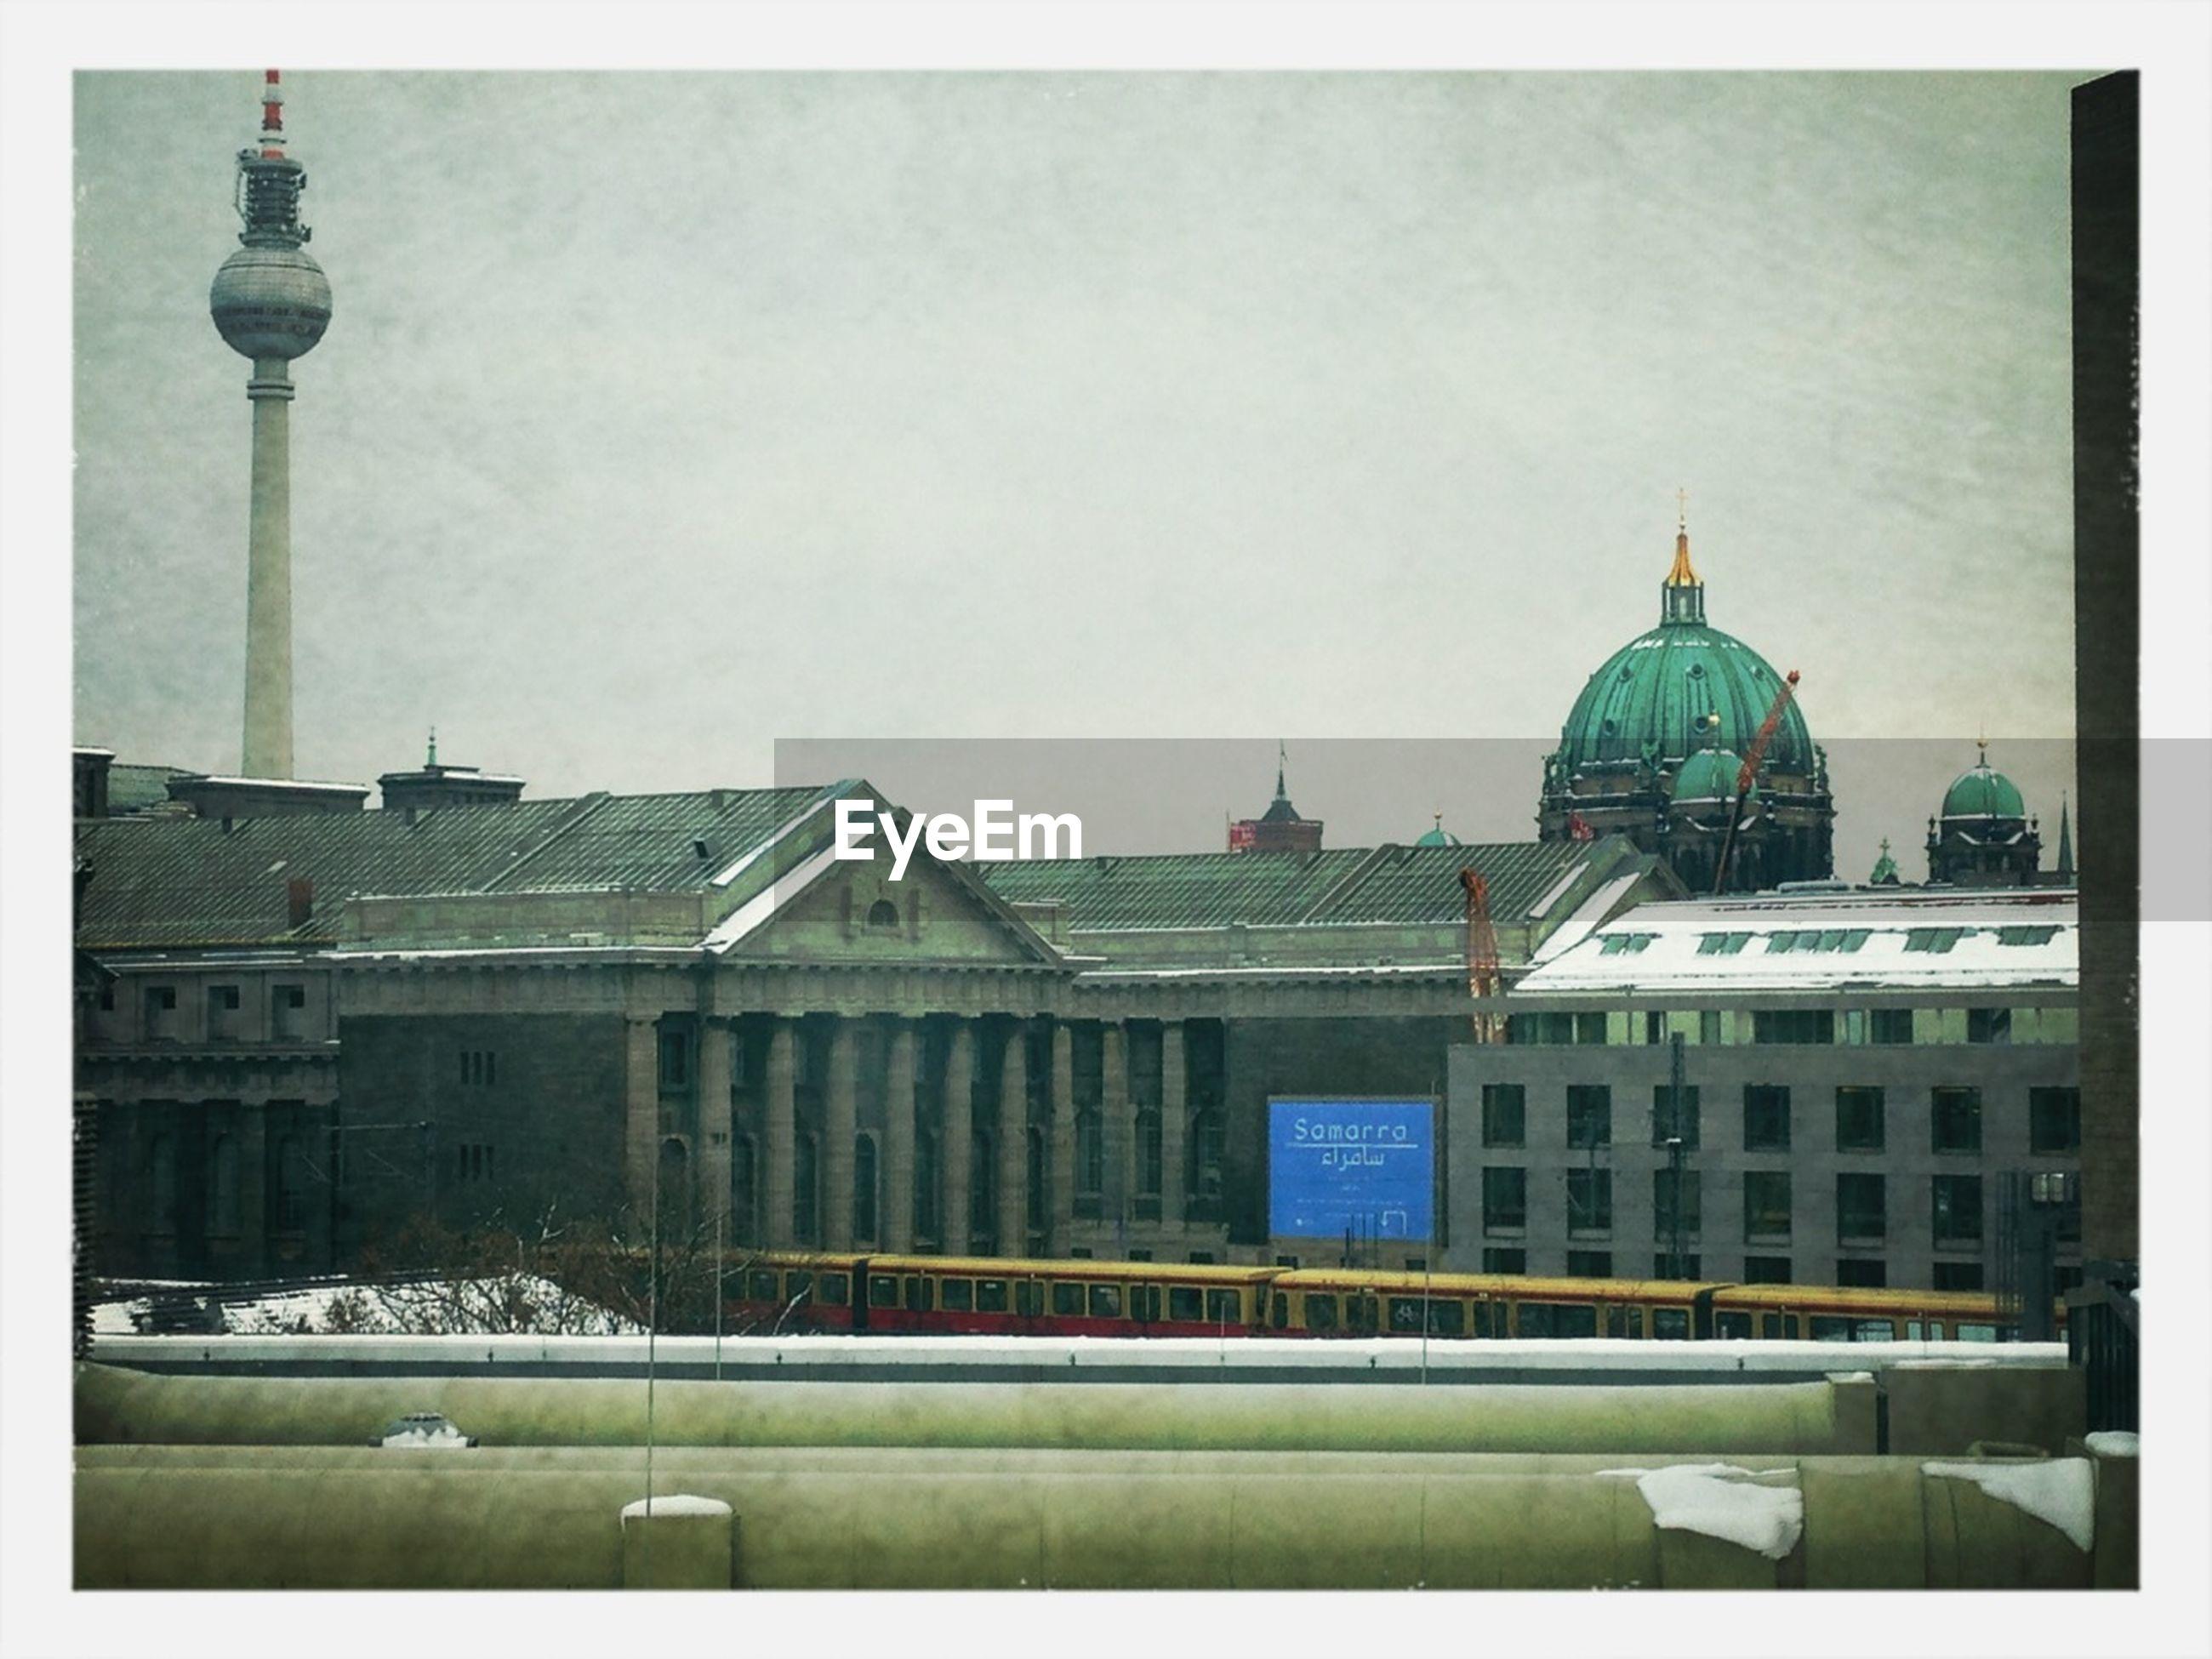 View of ferhnsehturm